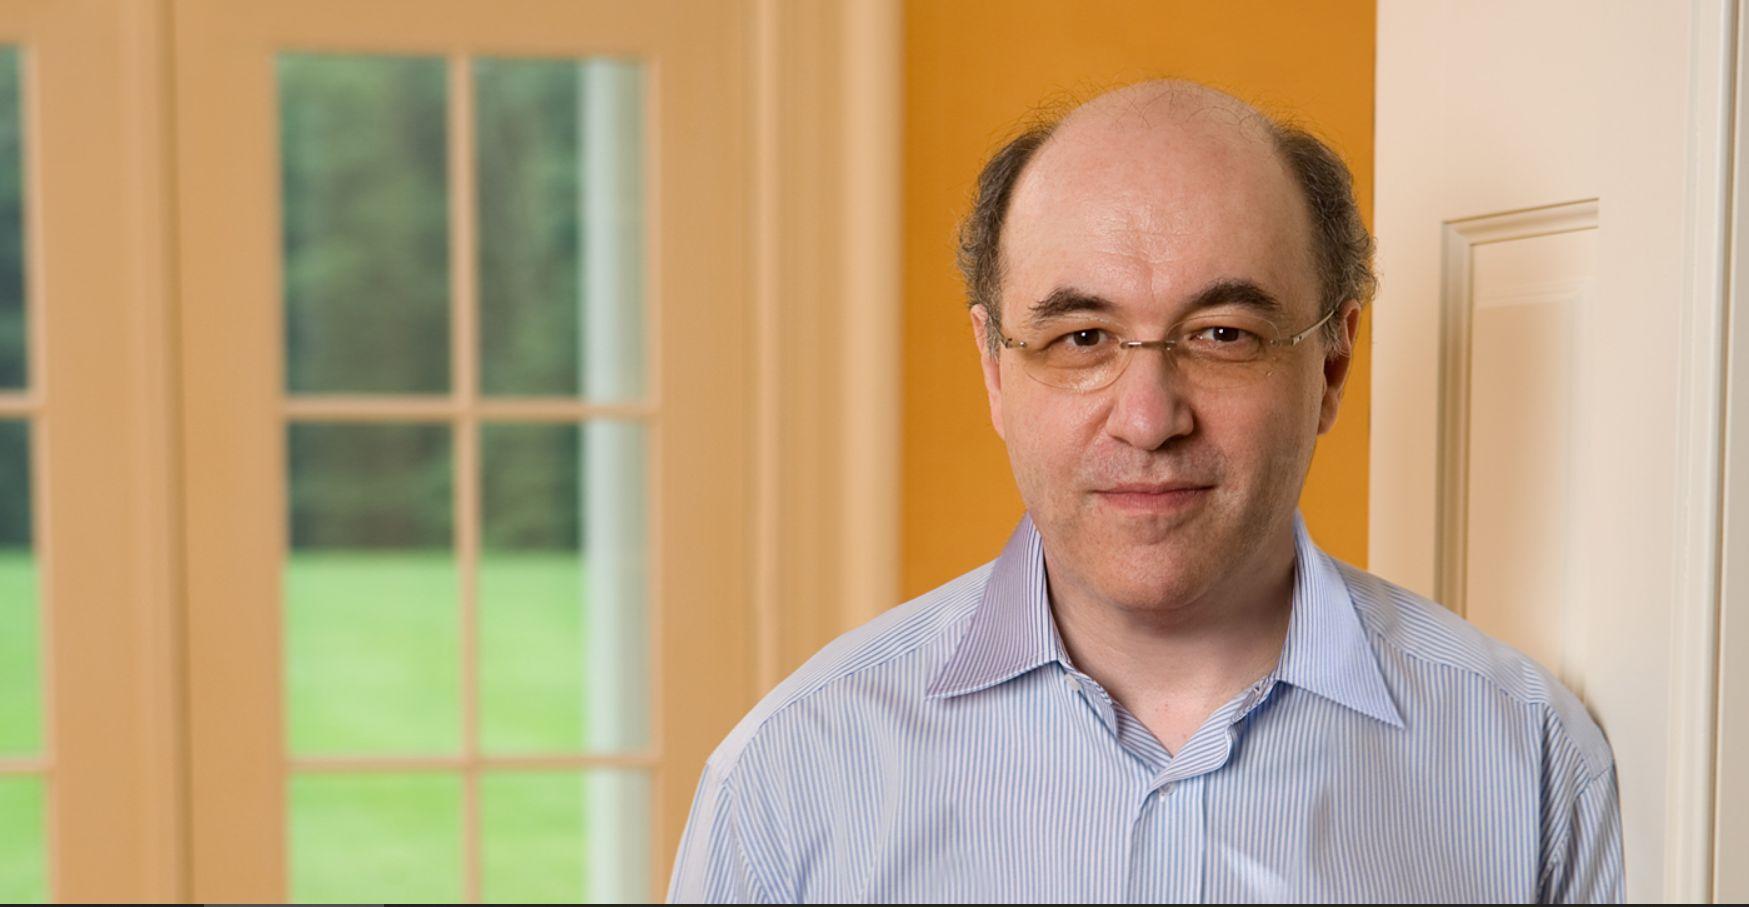 Wolfram|Alpha, die fantastische Wissensmaschine, die kaum einer kennt